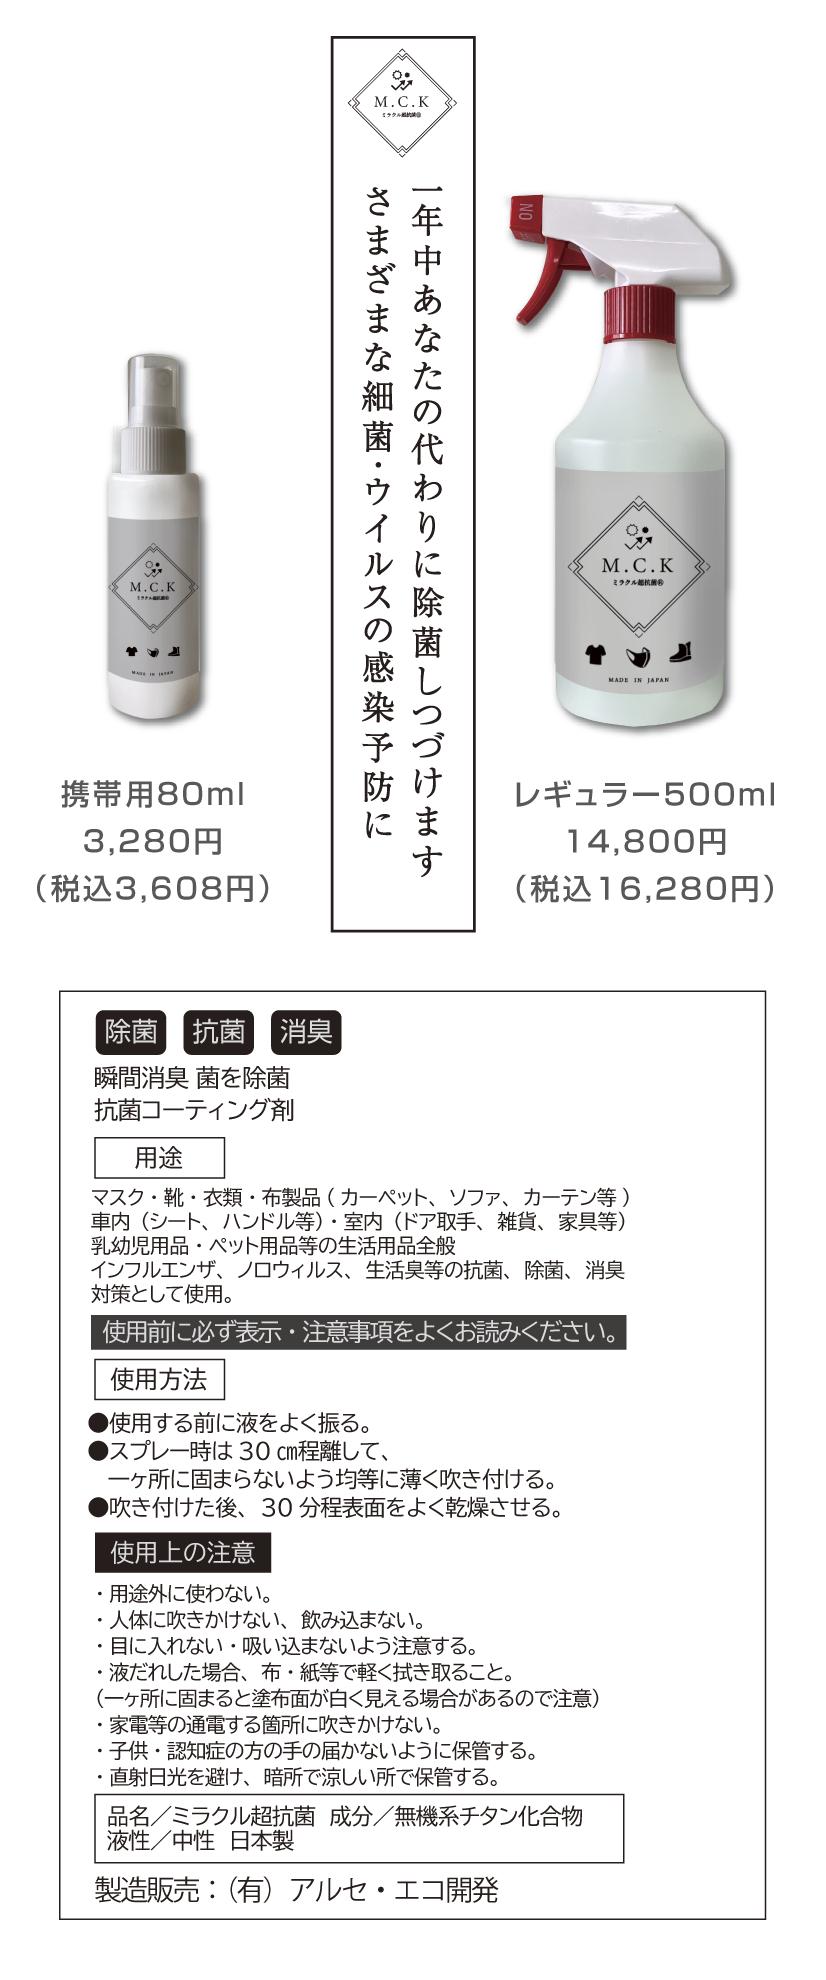 ミラクル超抗菌│価格